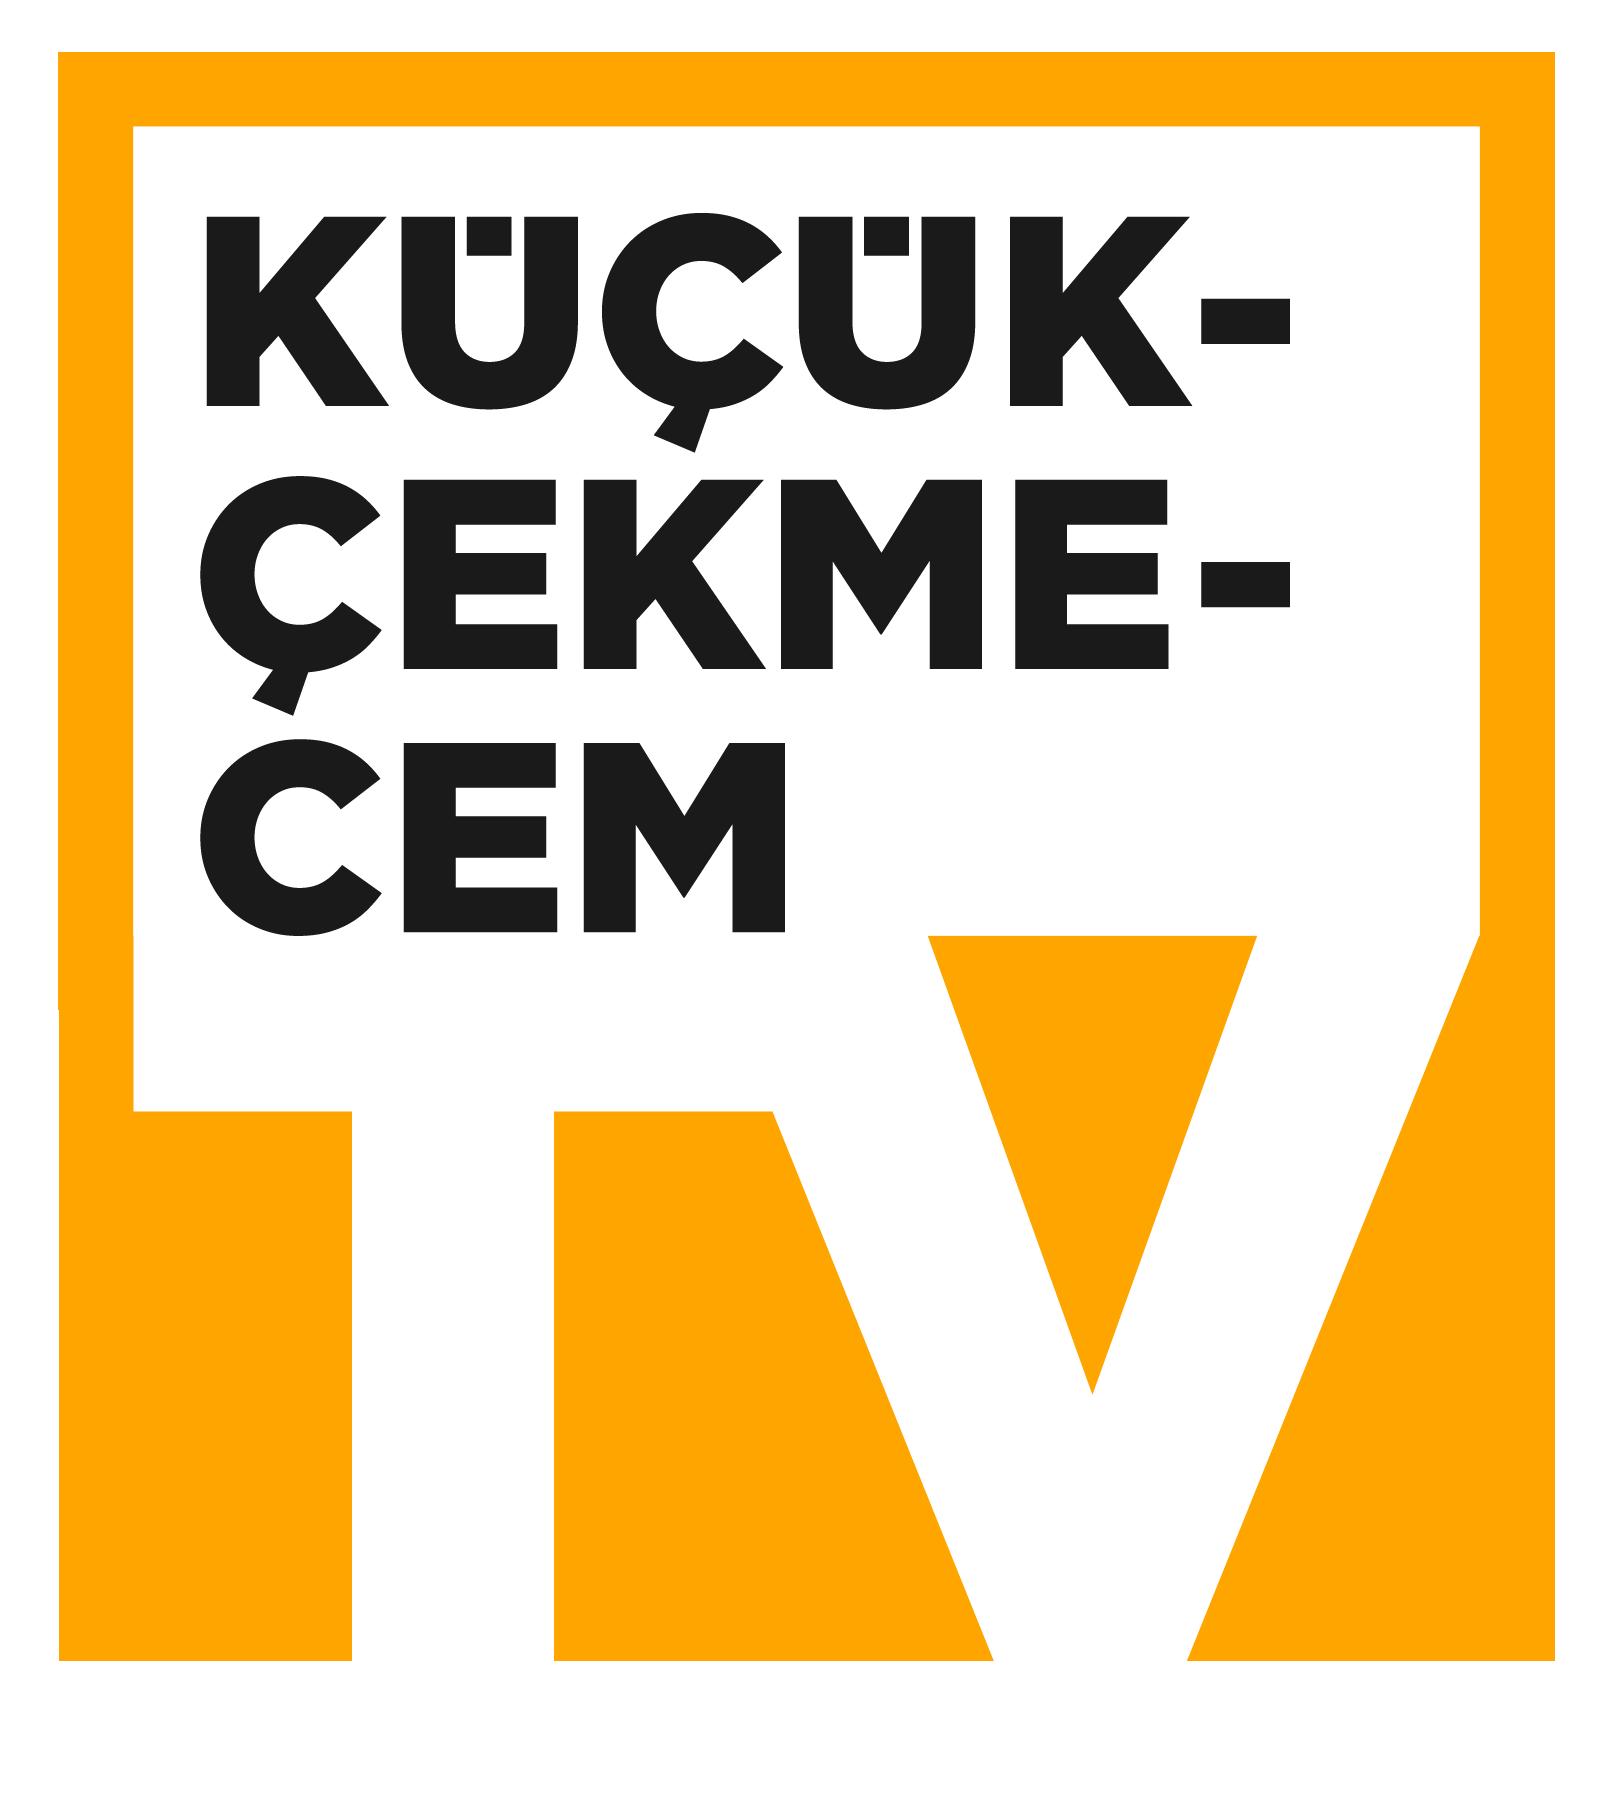 KUCUKCEKMECEM.TV